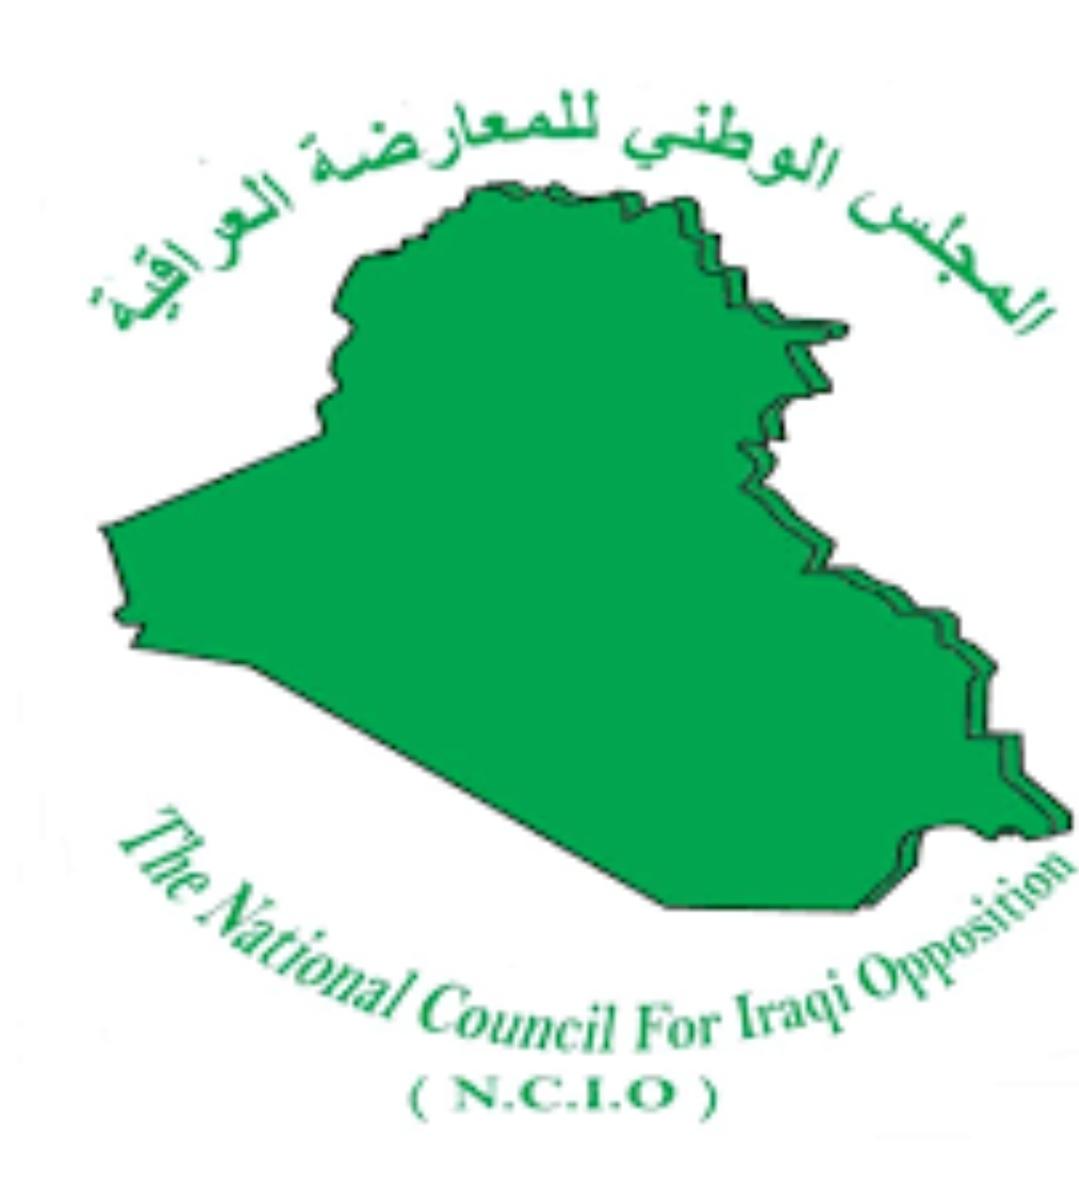 Iالمجلس الوطني للمعارضة العراقية يطرح برنامجه السياسي لانقاذ العراق    السبت, أغسطس 22, 2020